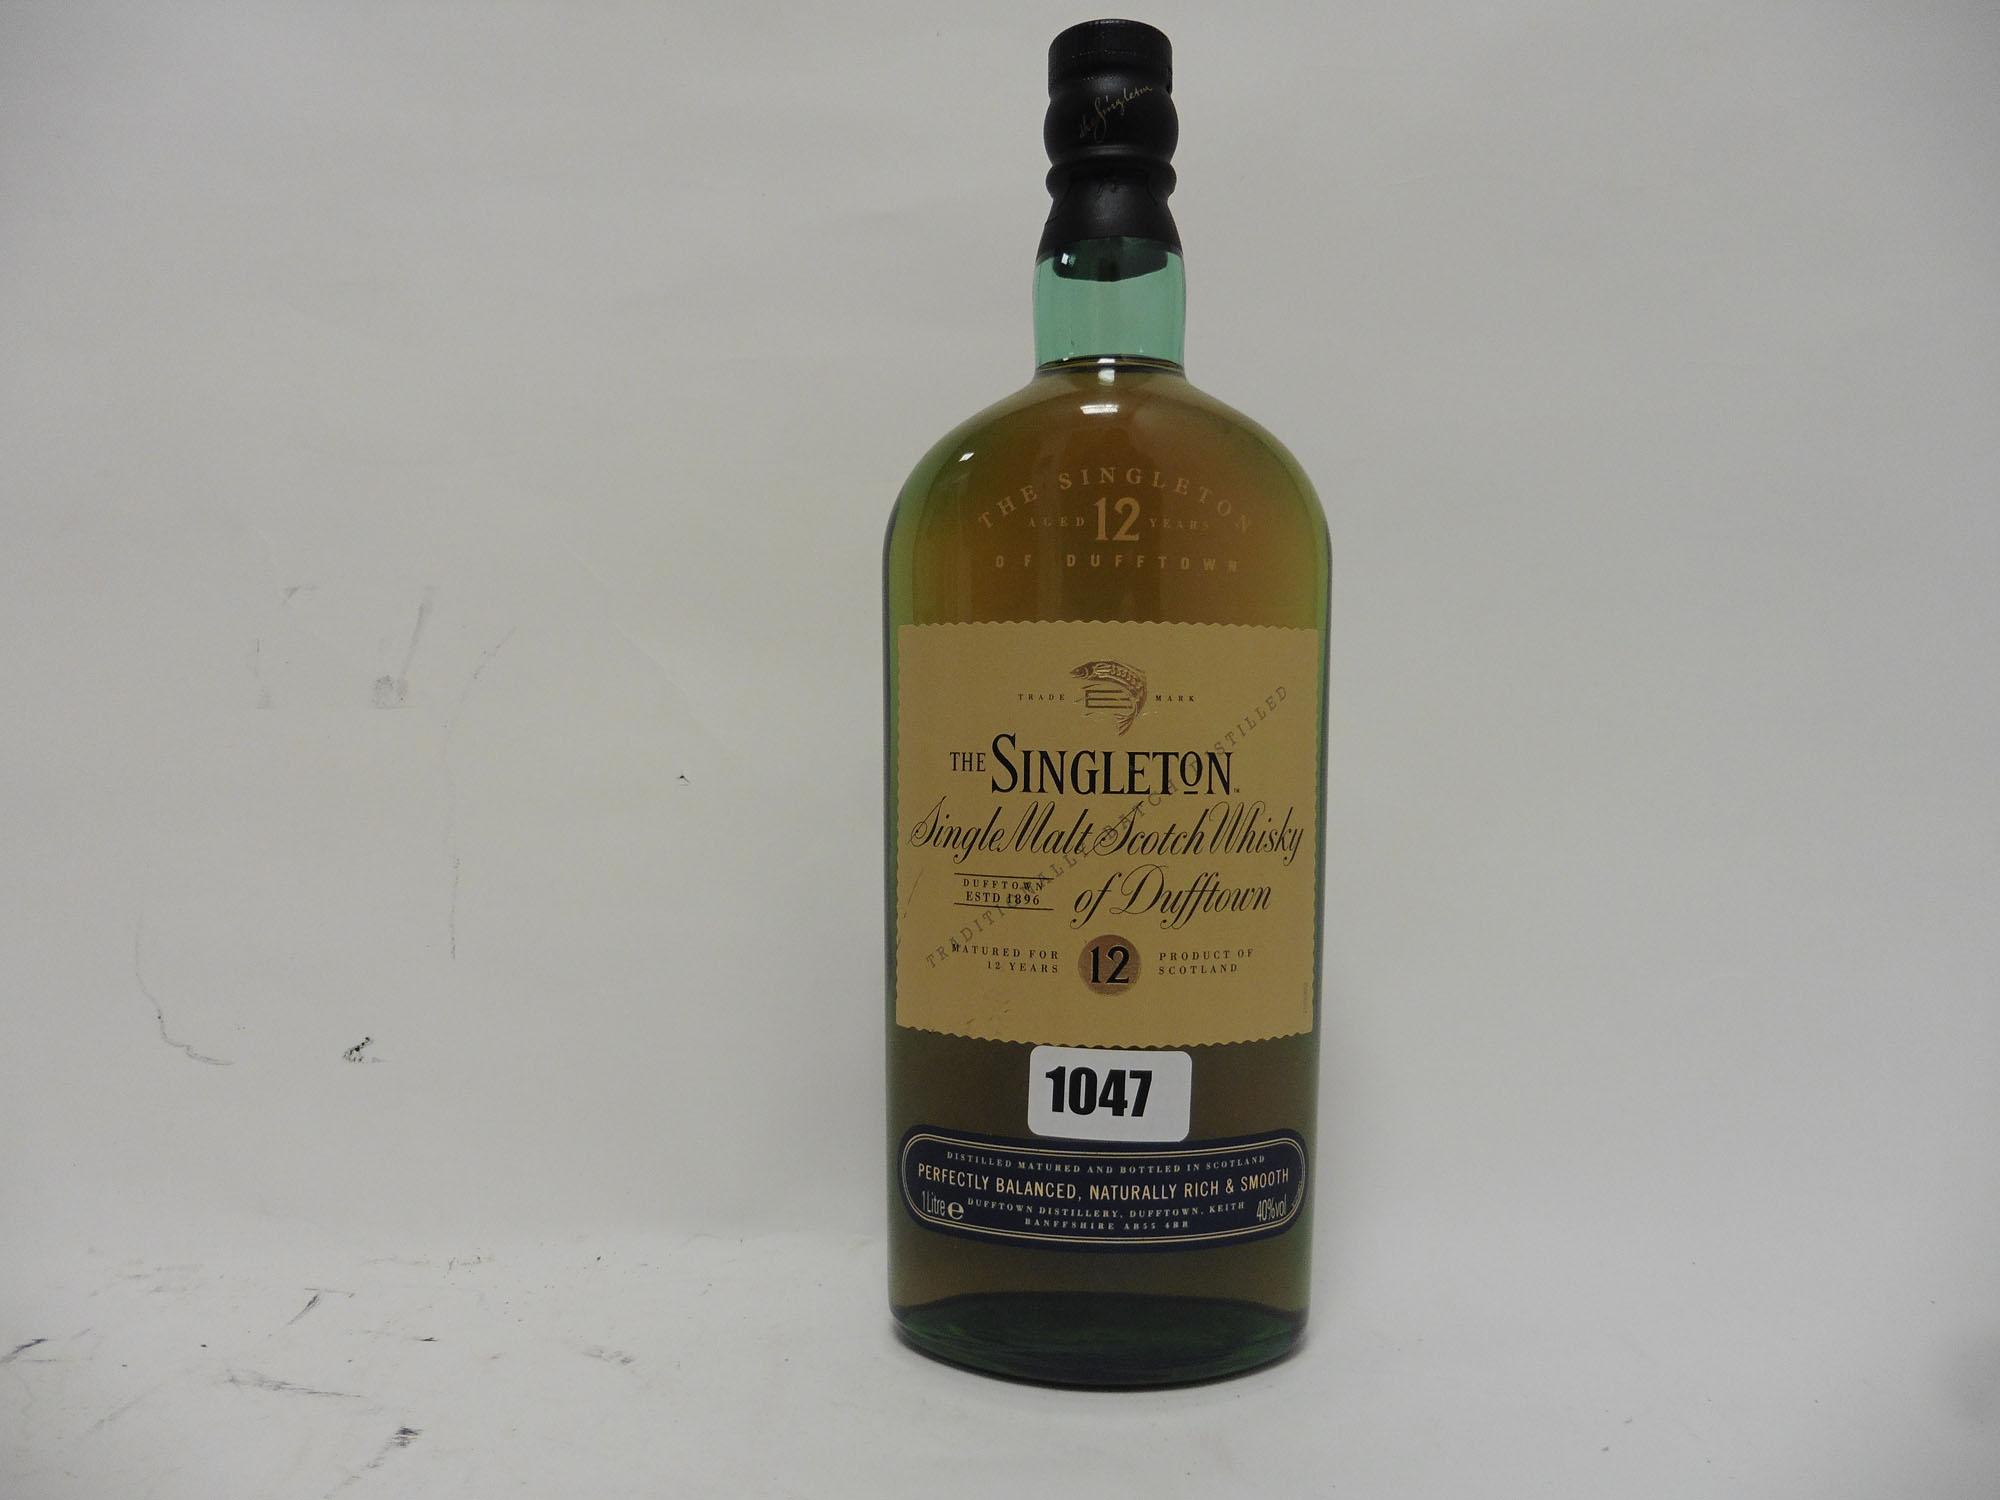 A bottle of The Singleton 12 year old Single Malt Scotch Whisky,